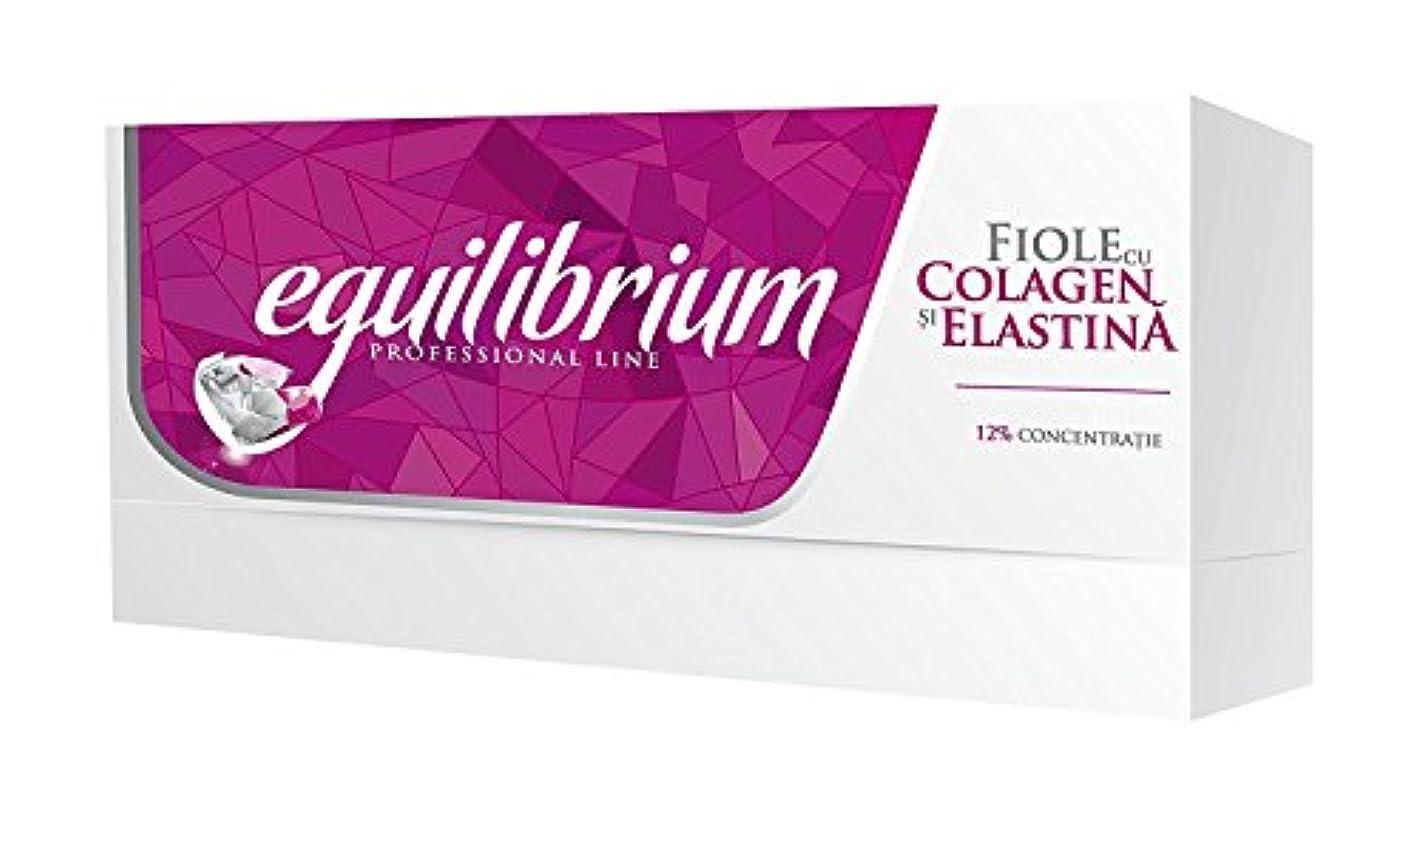 キャンドル状況怠なジェロビタール H3 エクリブリウムプロフェッショナル コラーゲン&エラスチン バイヤル(12%濃縮) [海外直送]